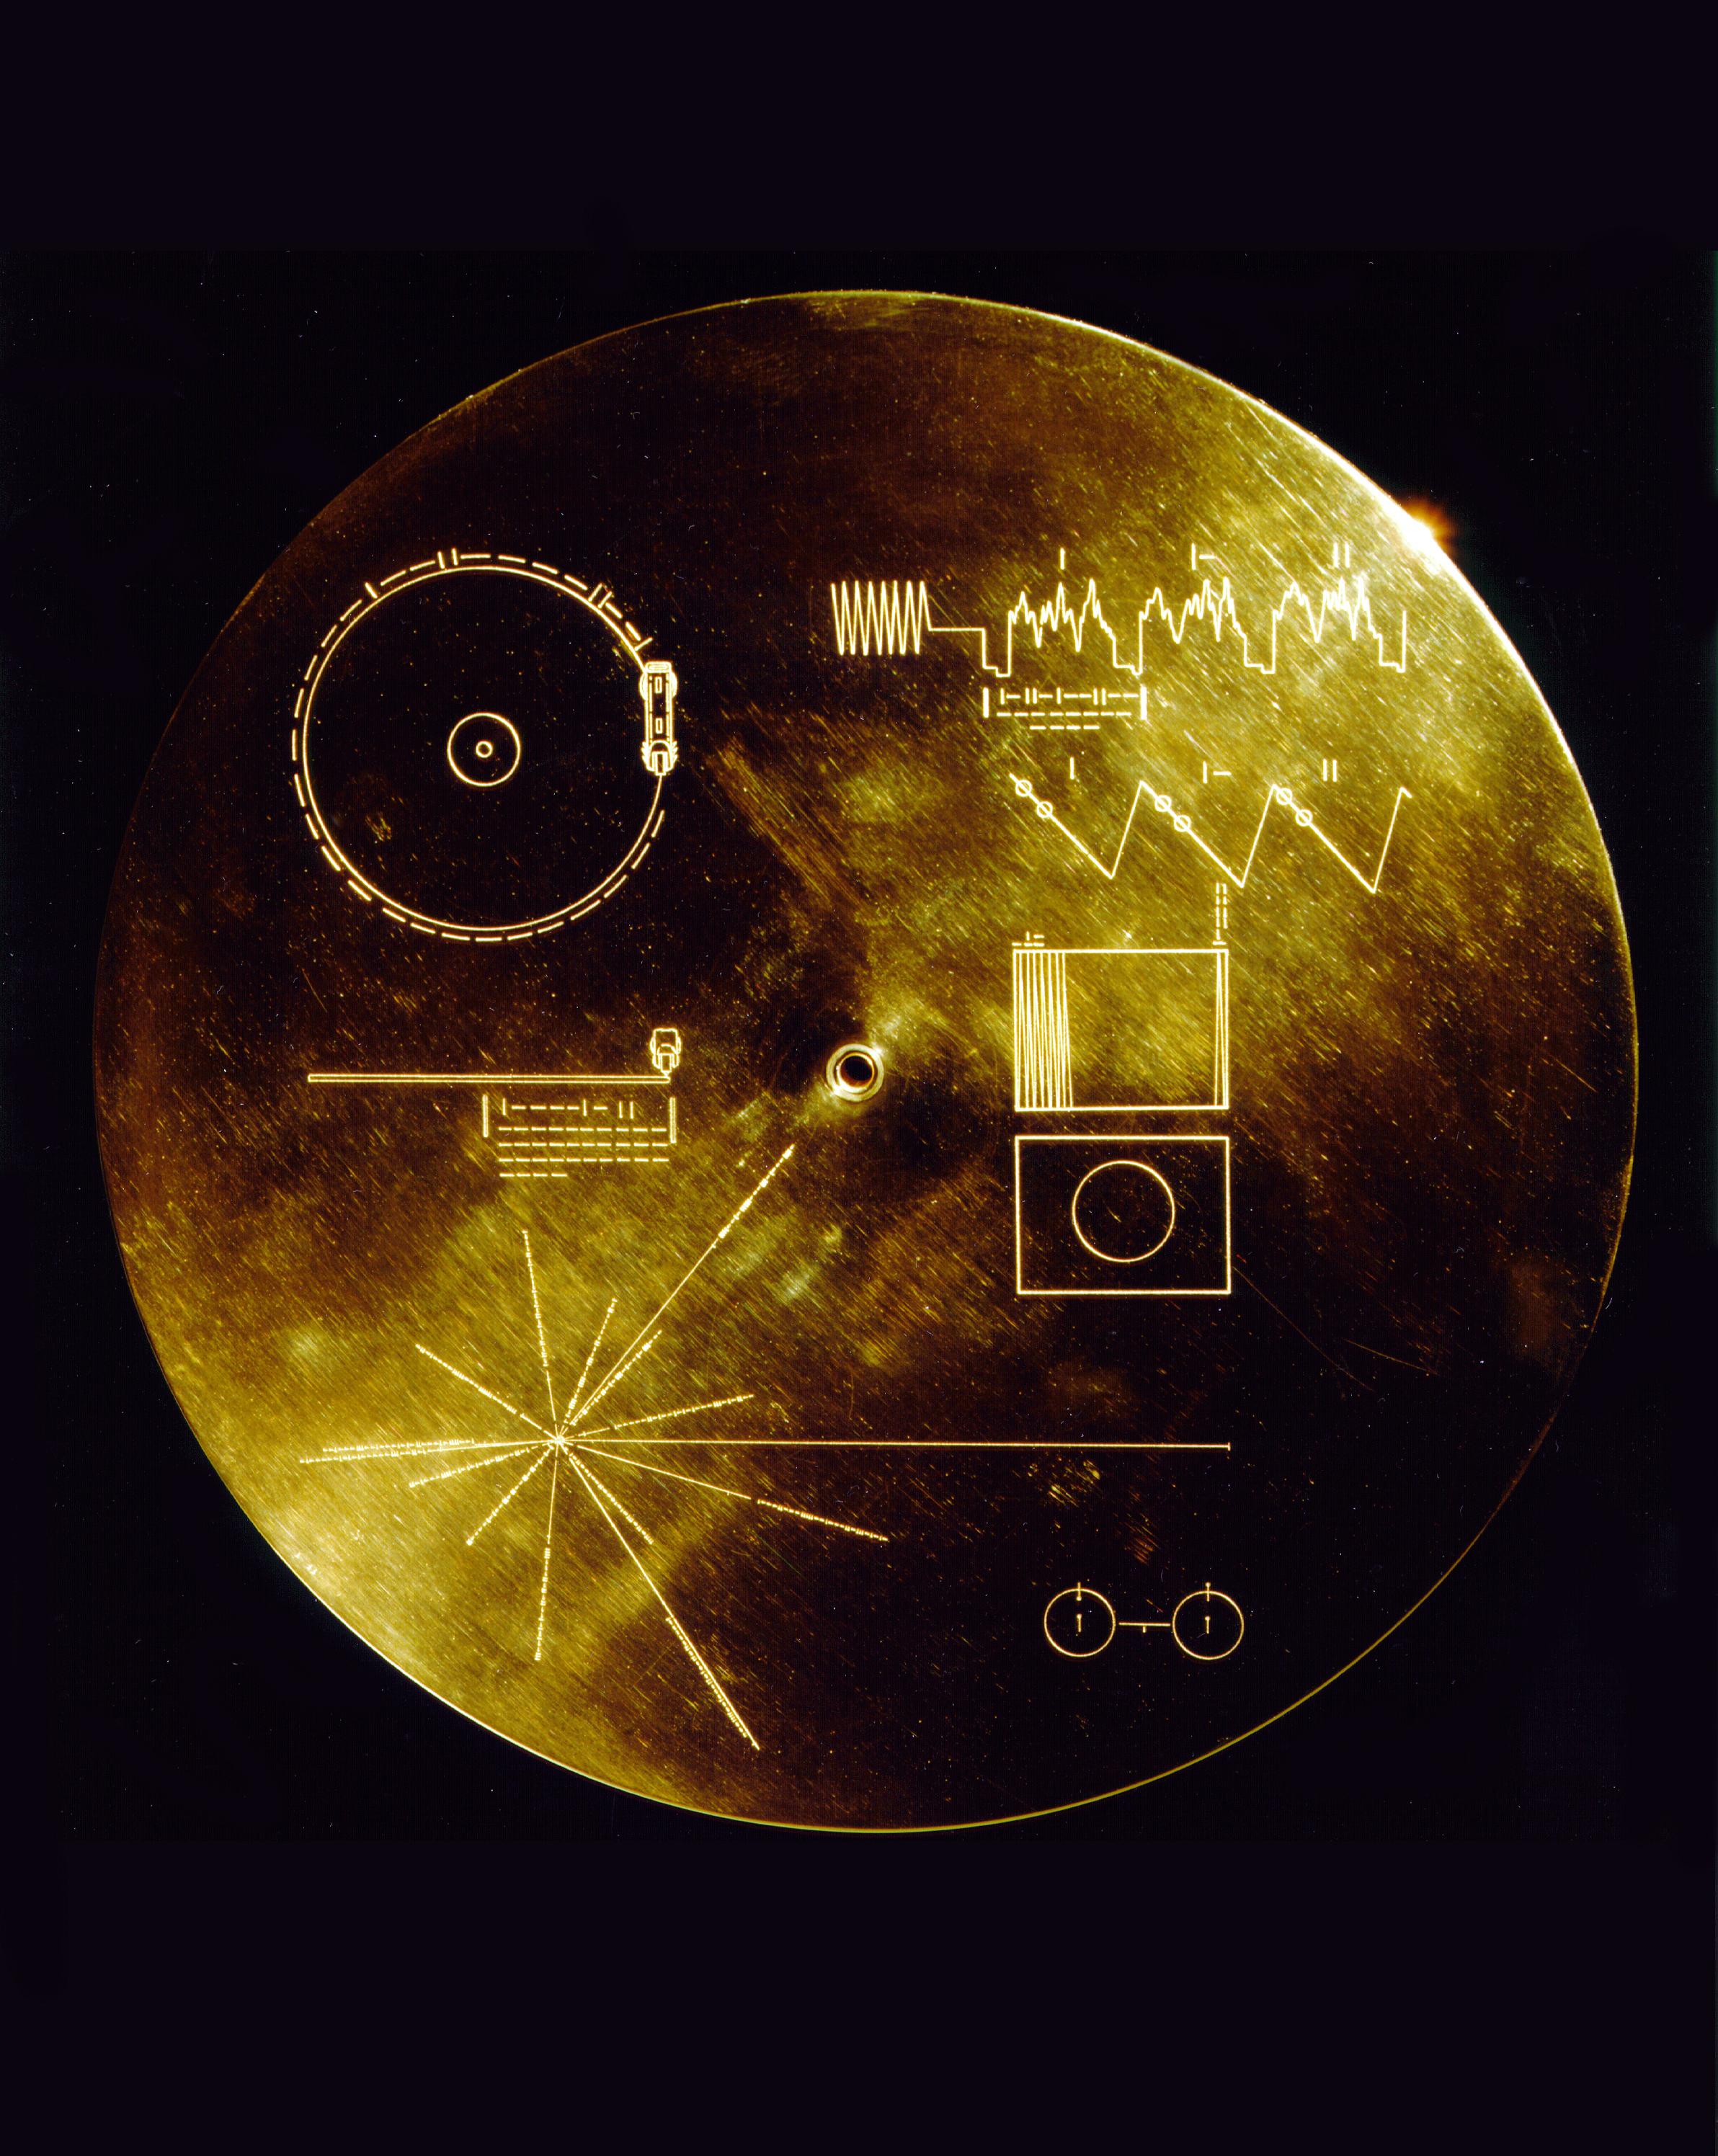 voyager golden record 01 Le Voyager Golden Record : Comment se présenter aux extraterrestres ?